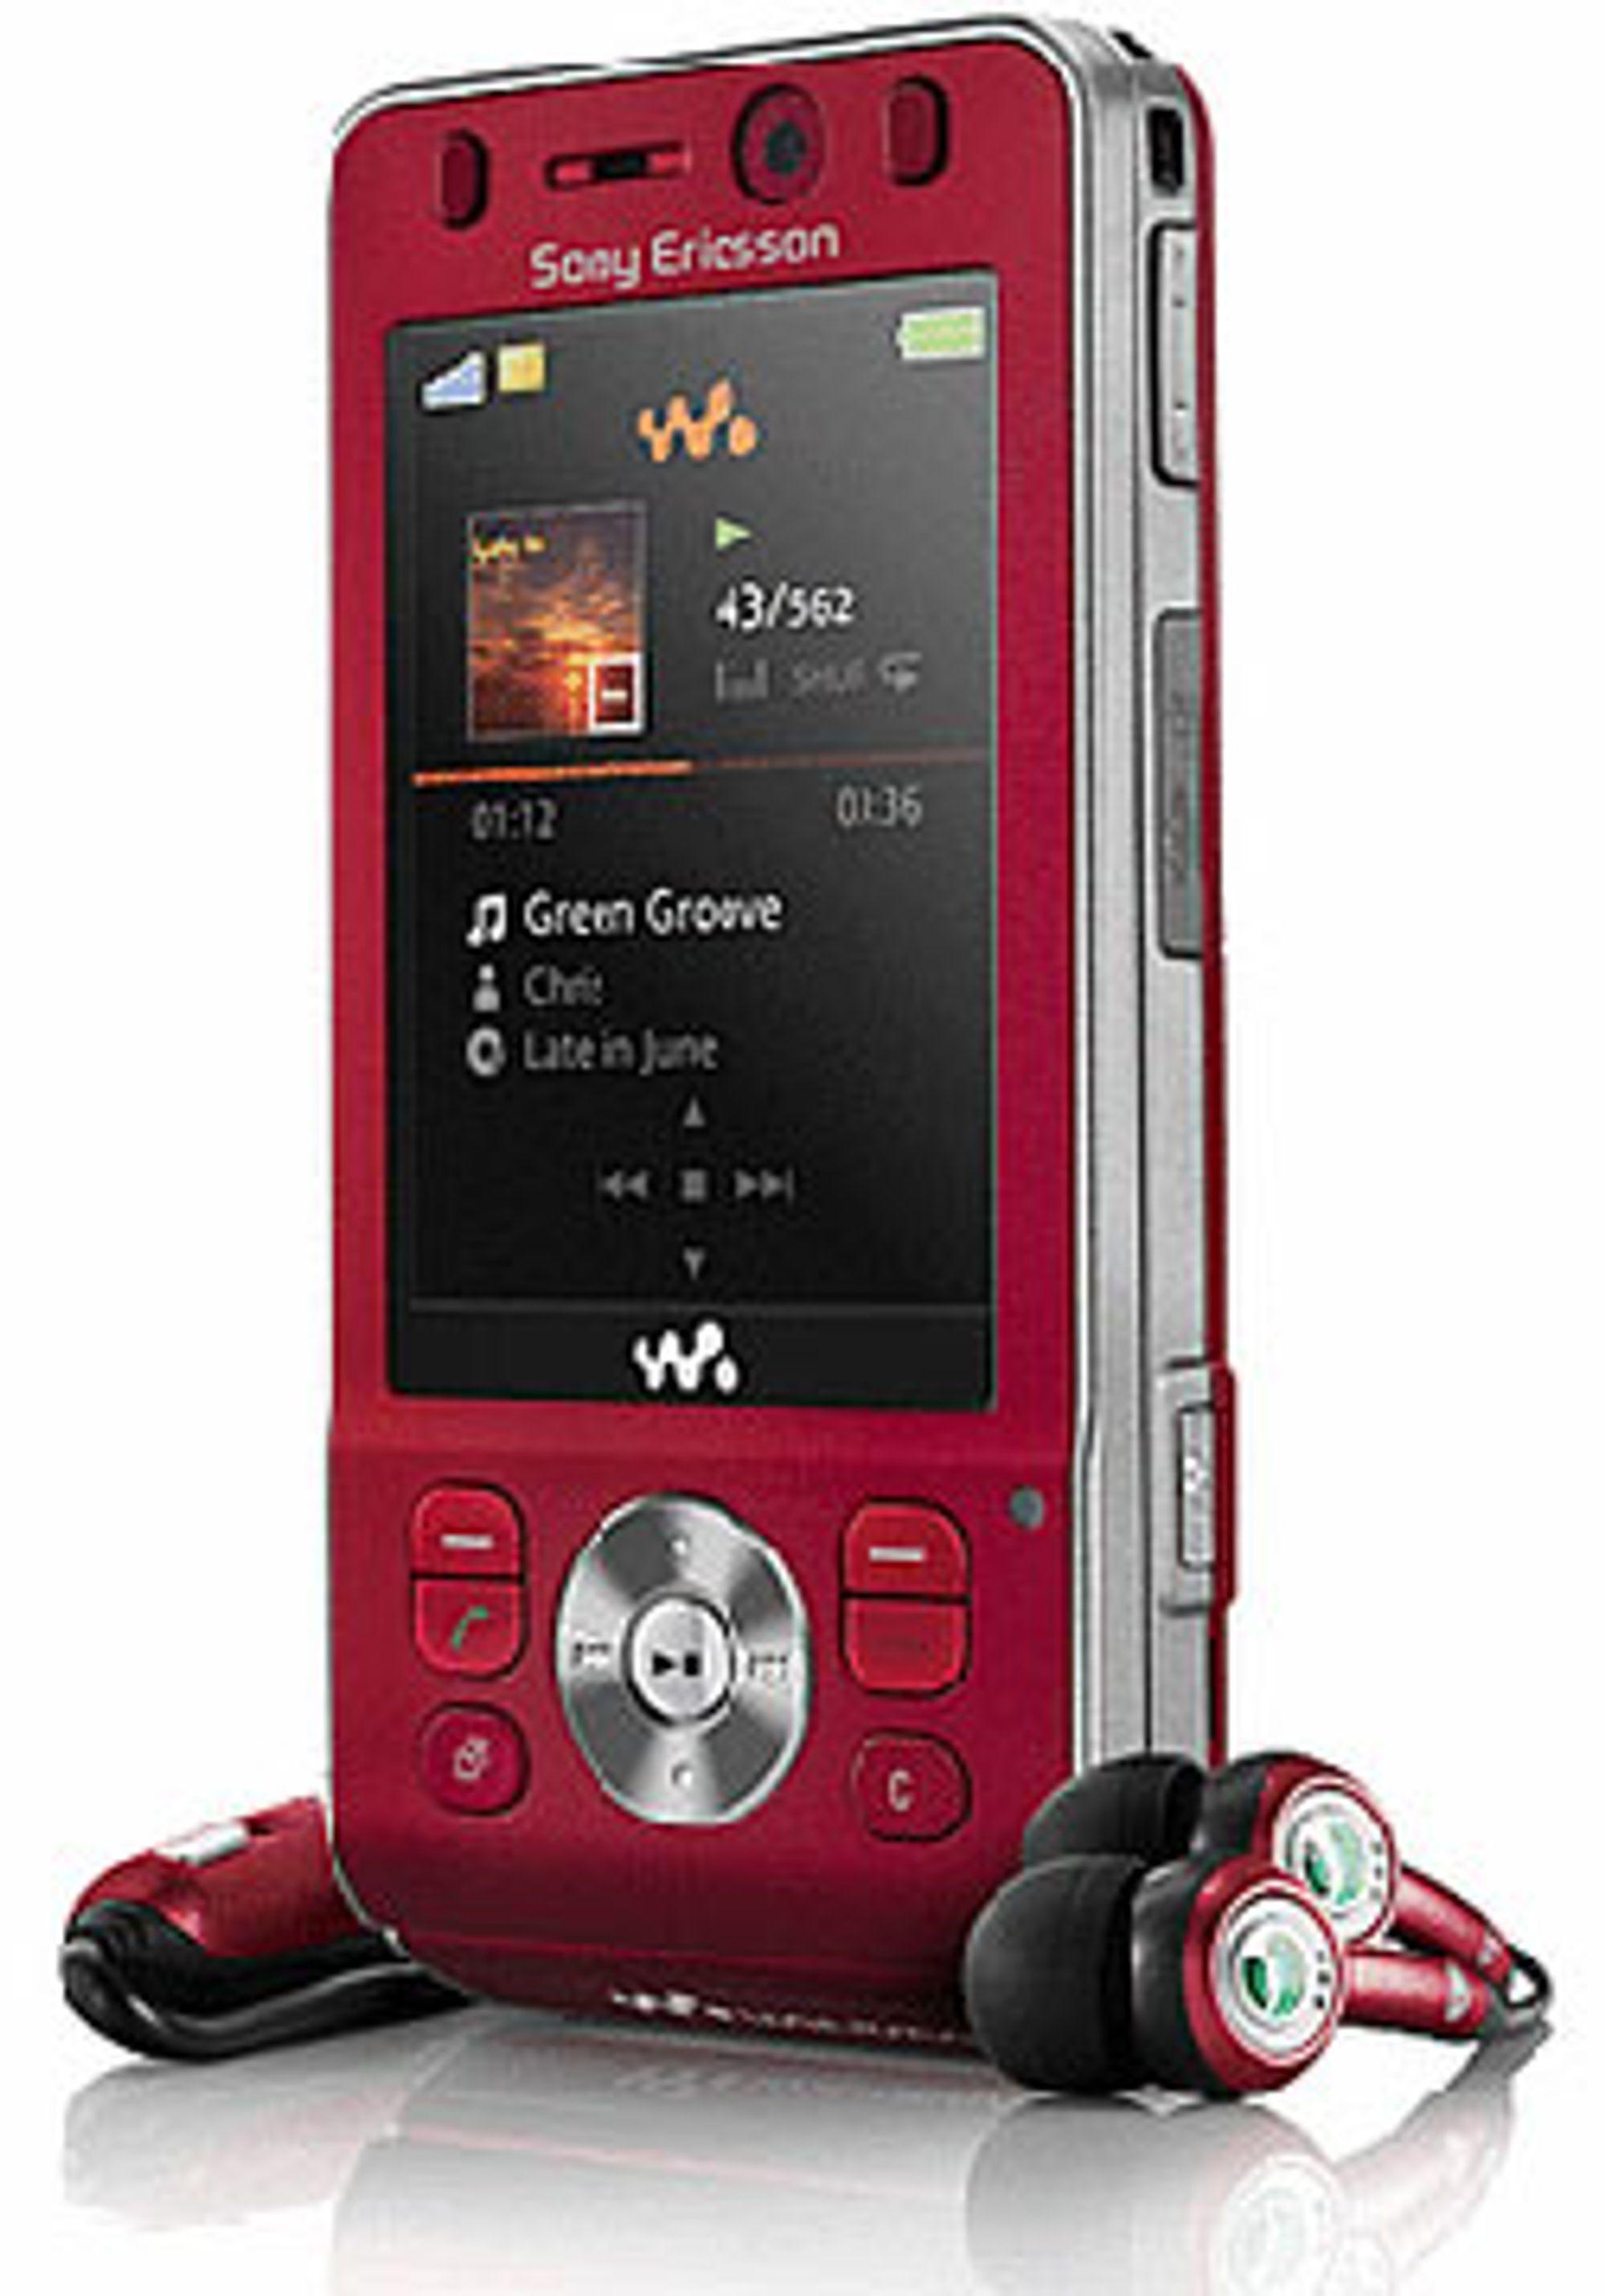 GSM Association likte Sony Ericssons W910i. (Foto: Sony Ericsson(